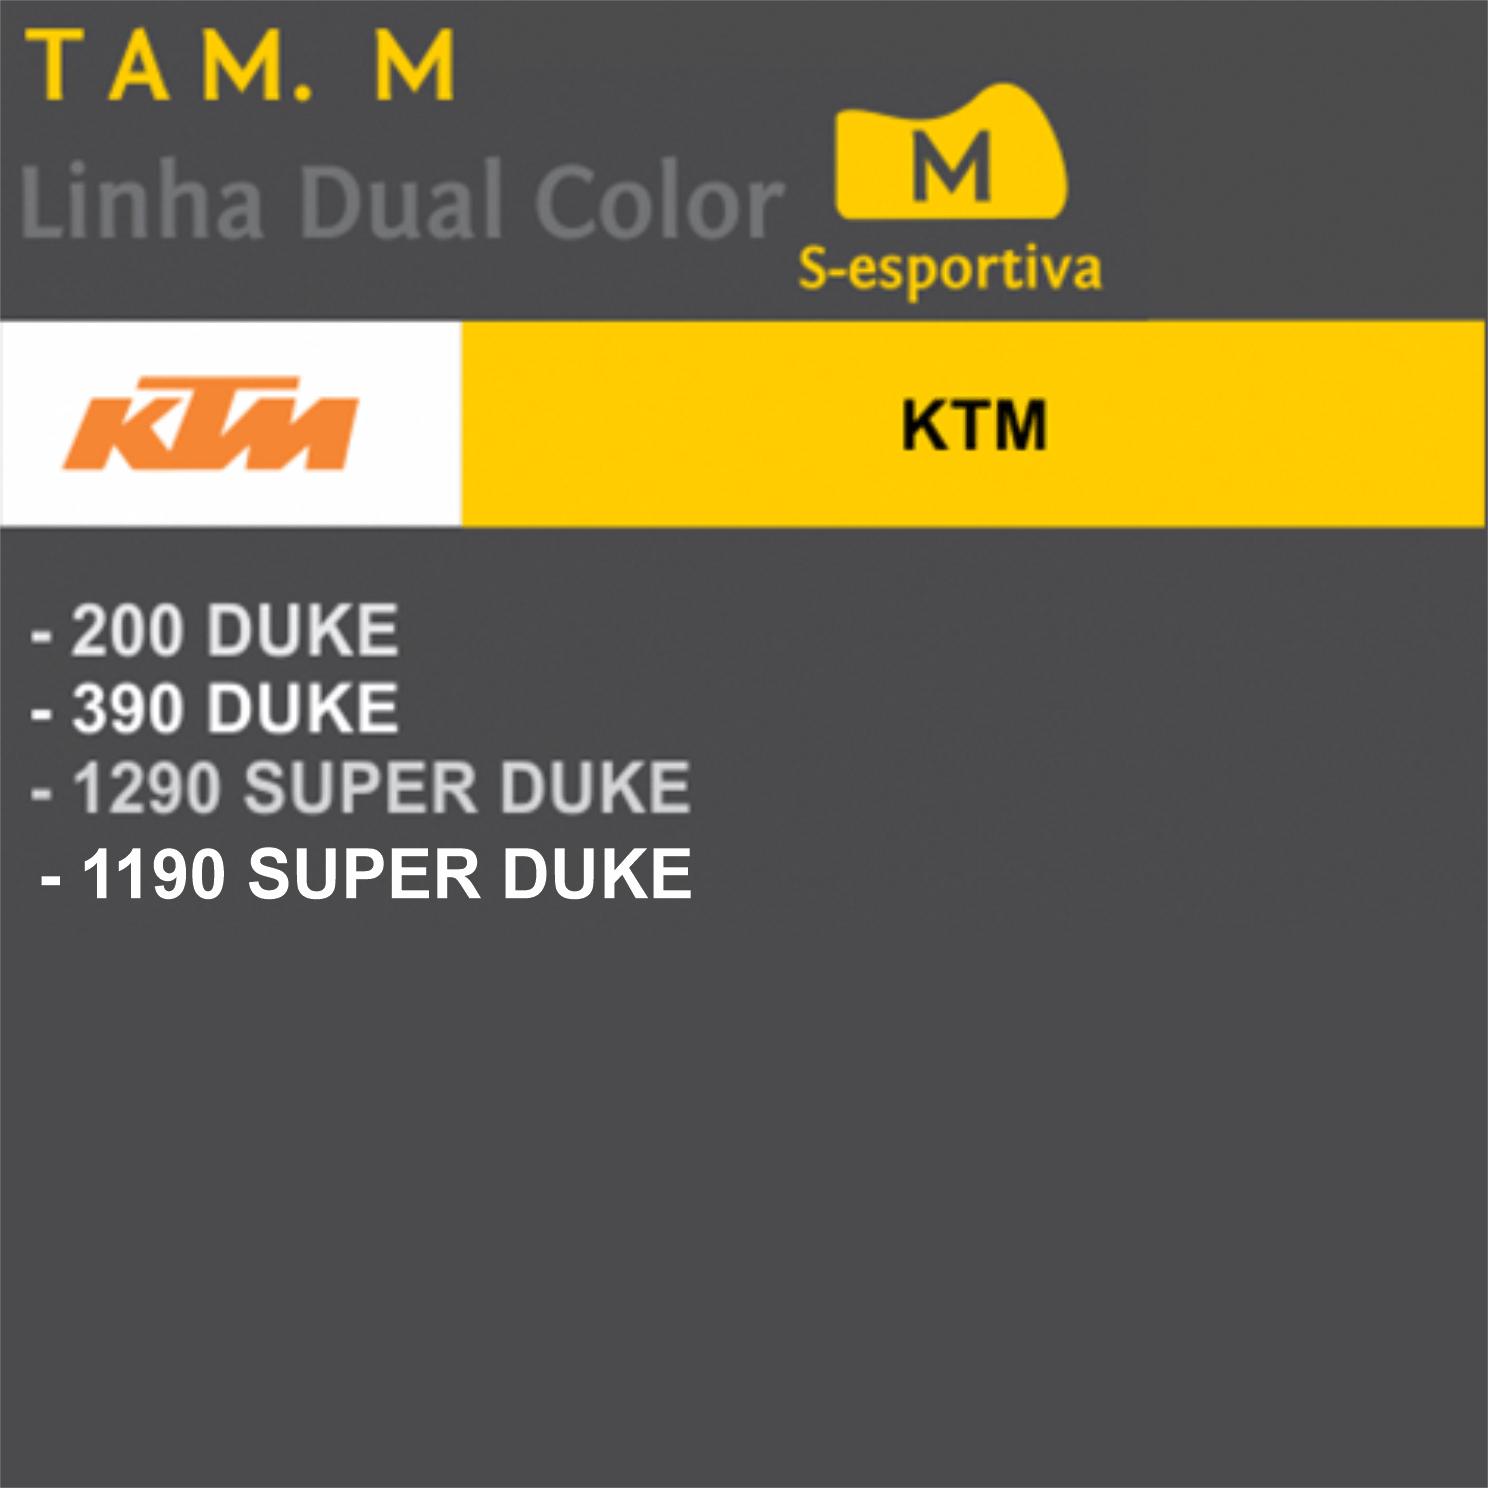 Capa Para Moto DualColor KTM Tam. M (permeavel)